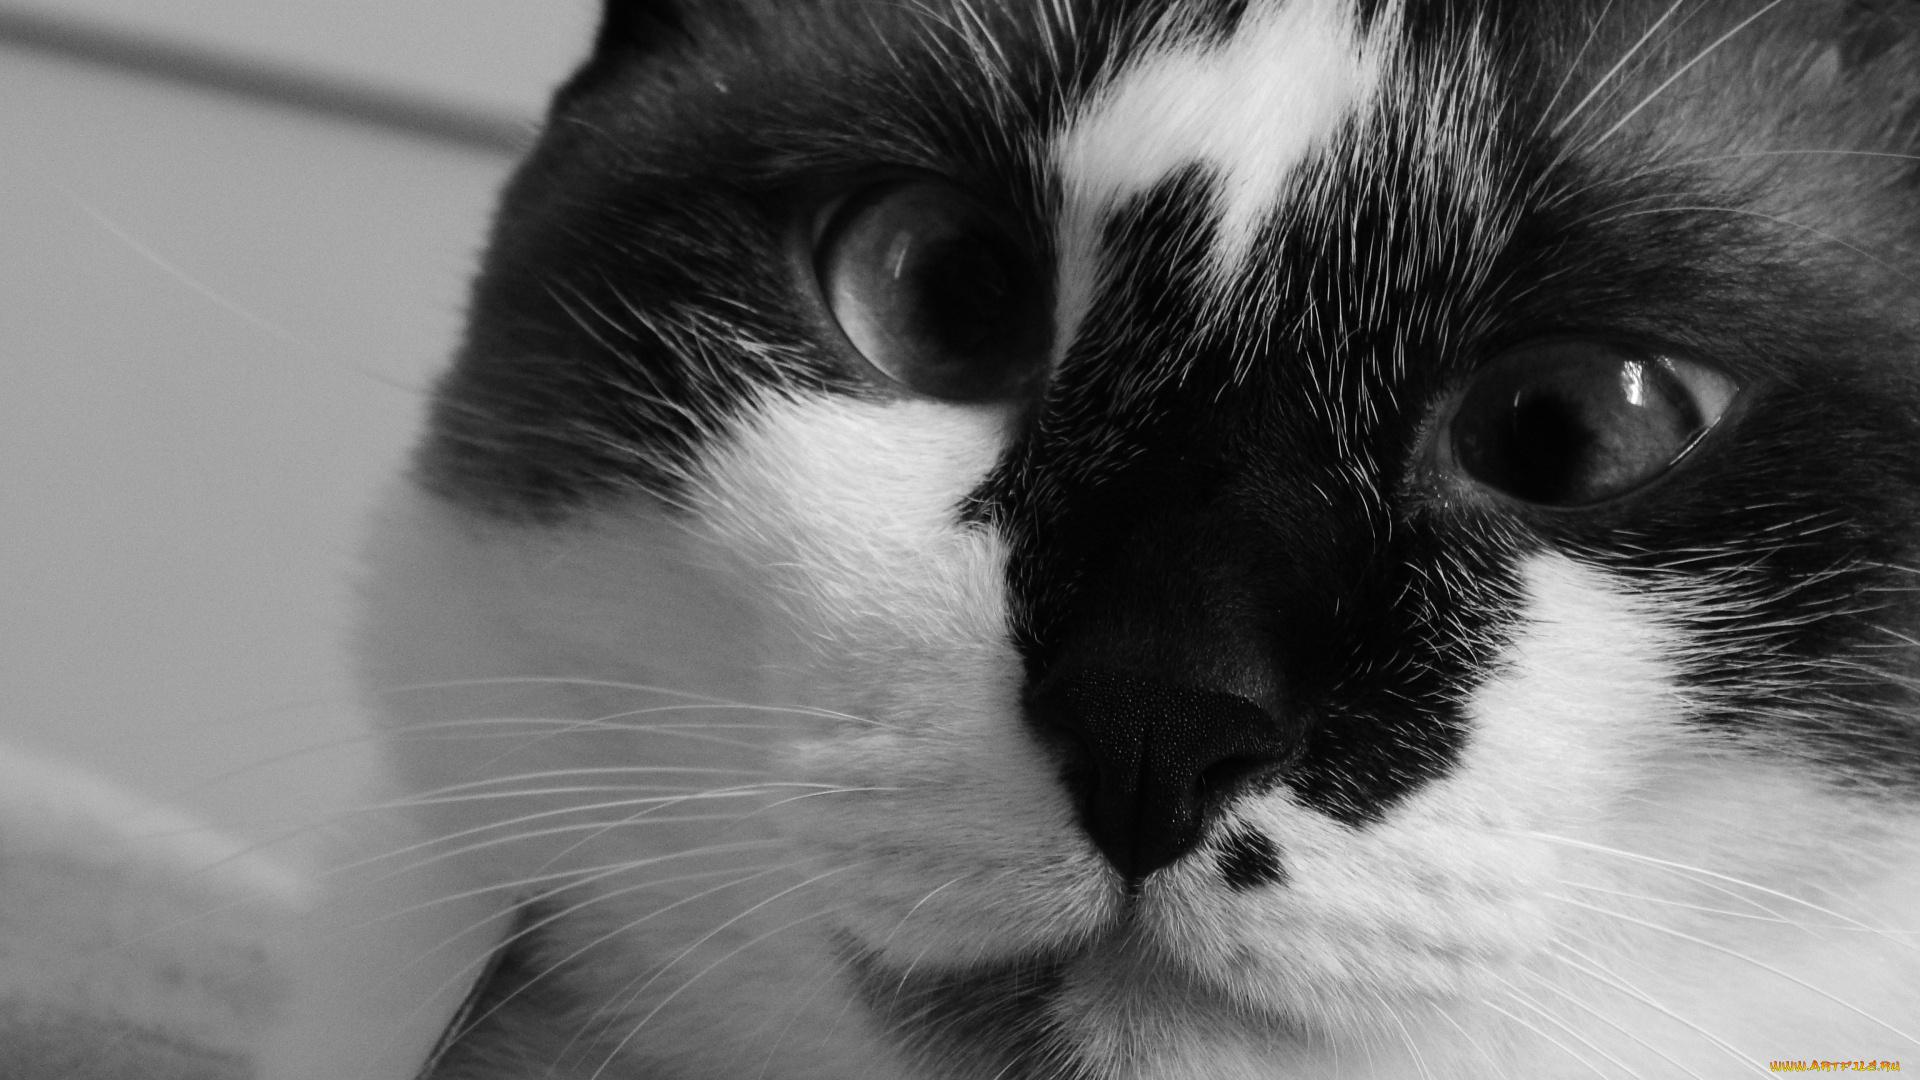 черно-белый кот мордочка усы онлайн